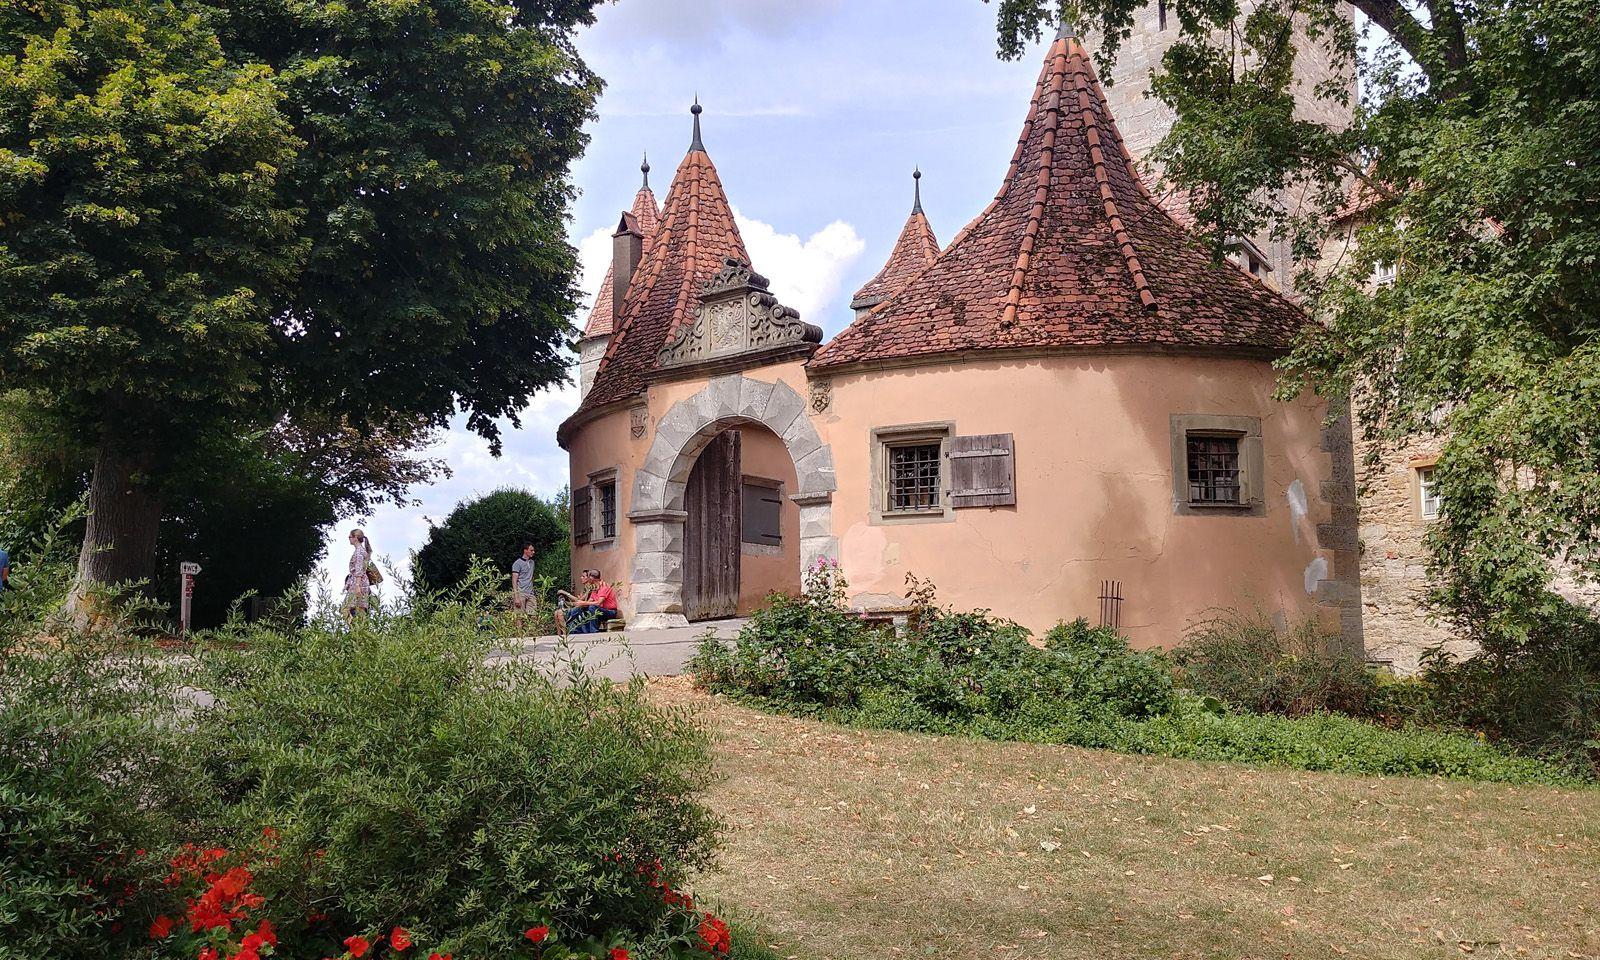 Die alte Burg, die der Stauferkönig Konrad III. um 1142 errichtet hatte.